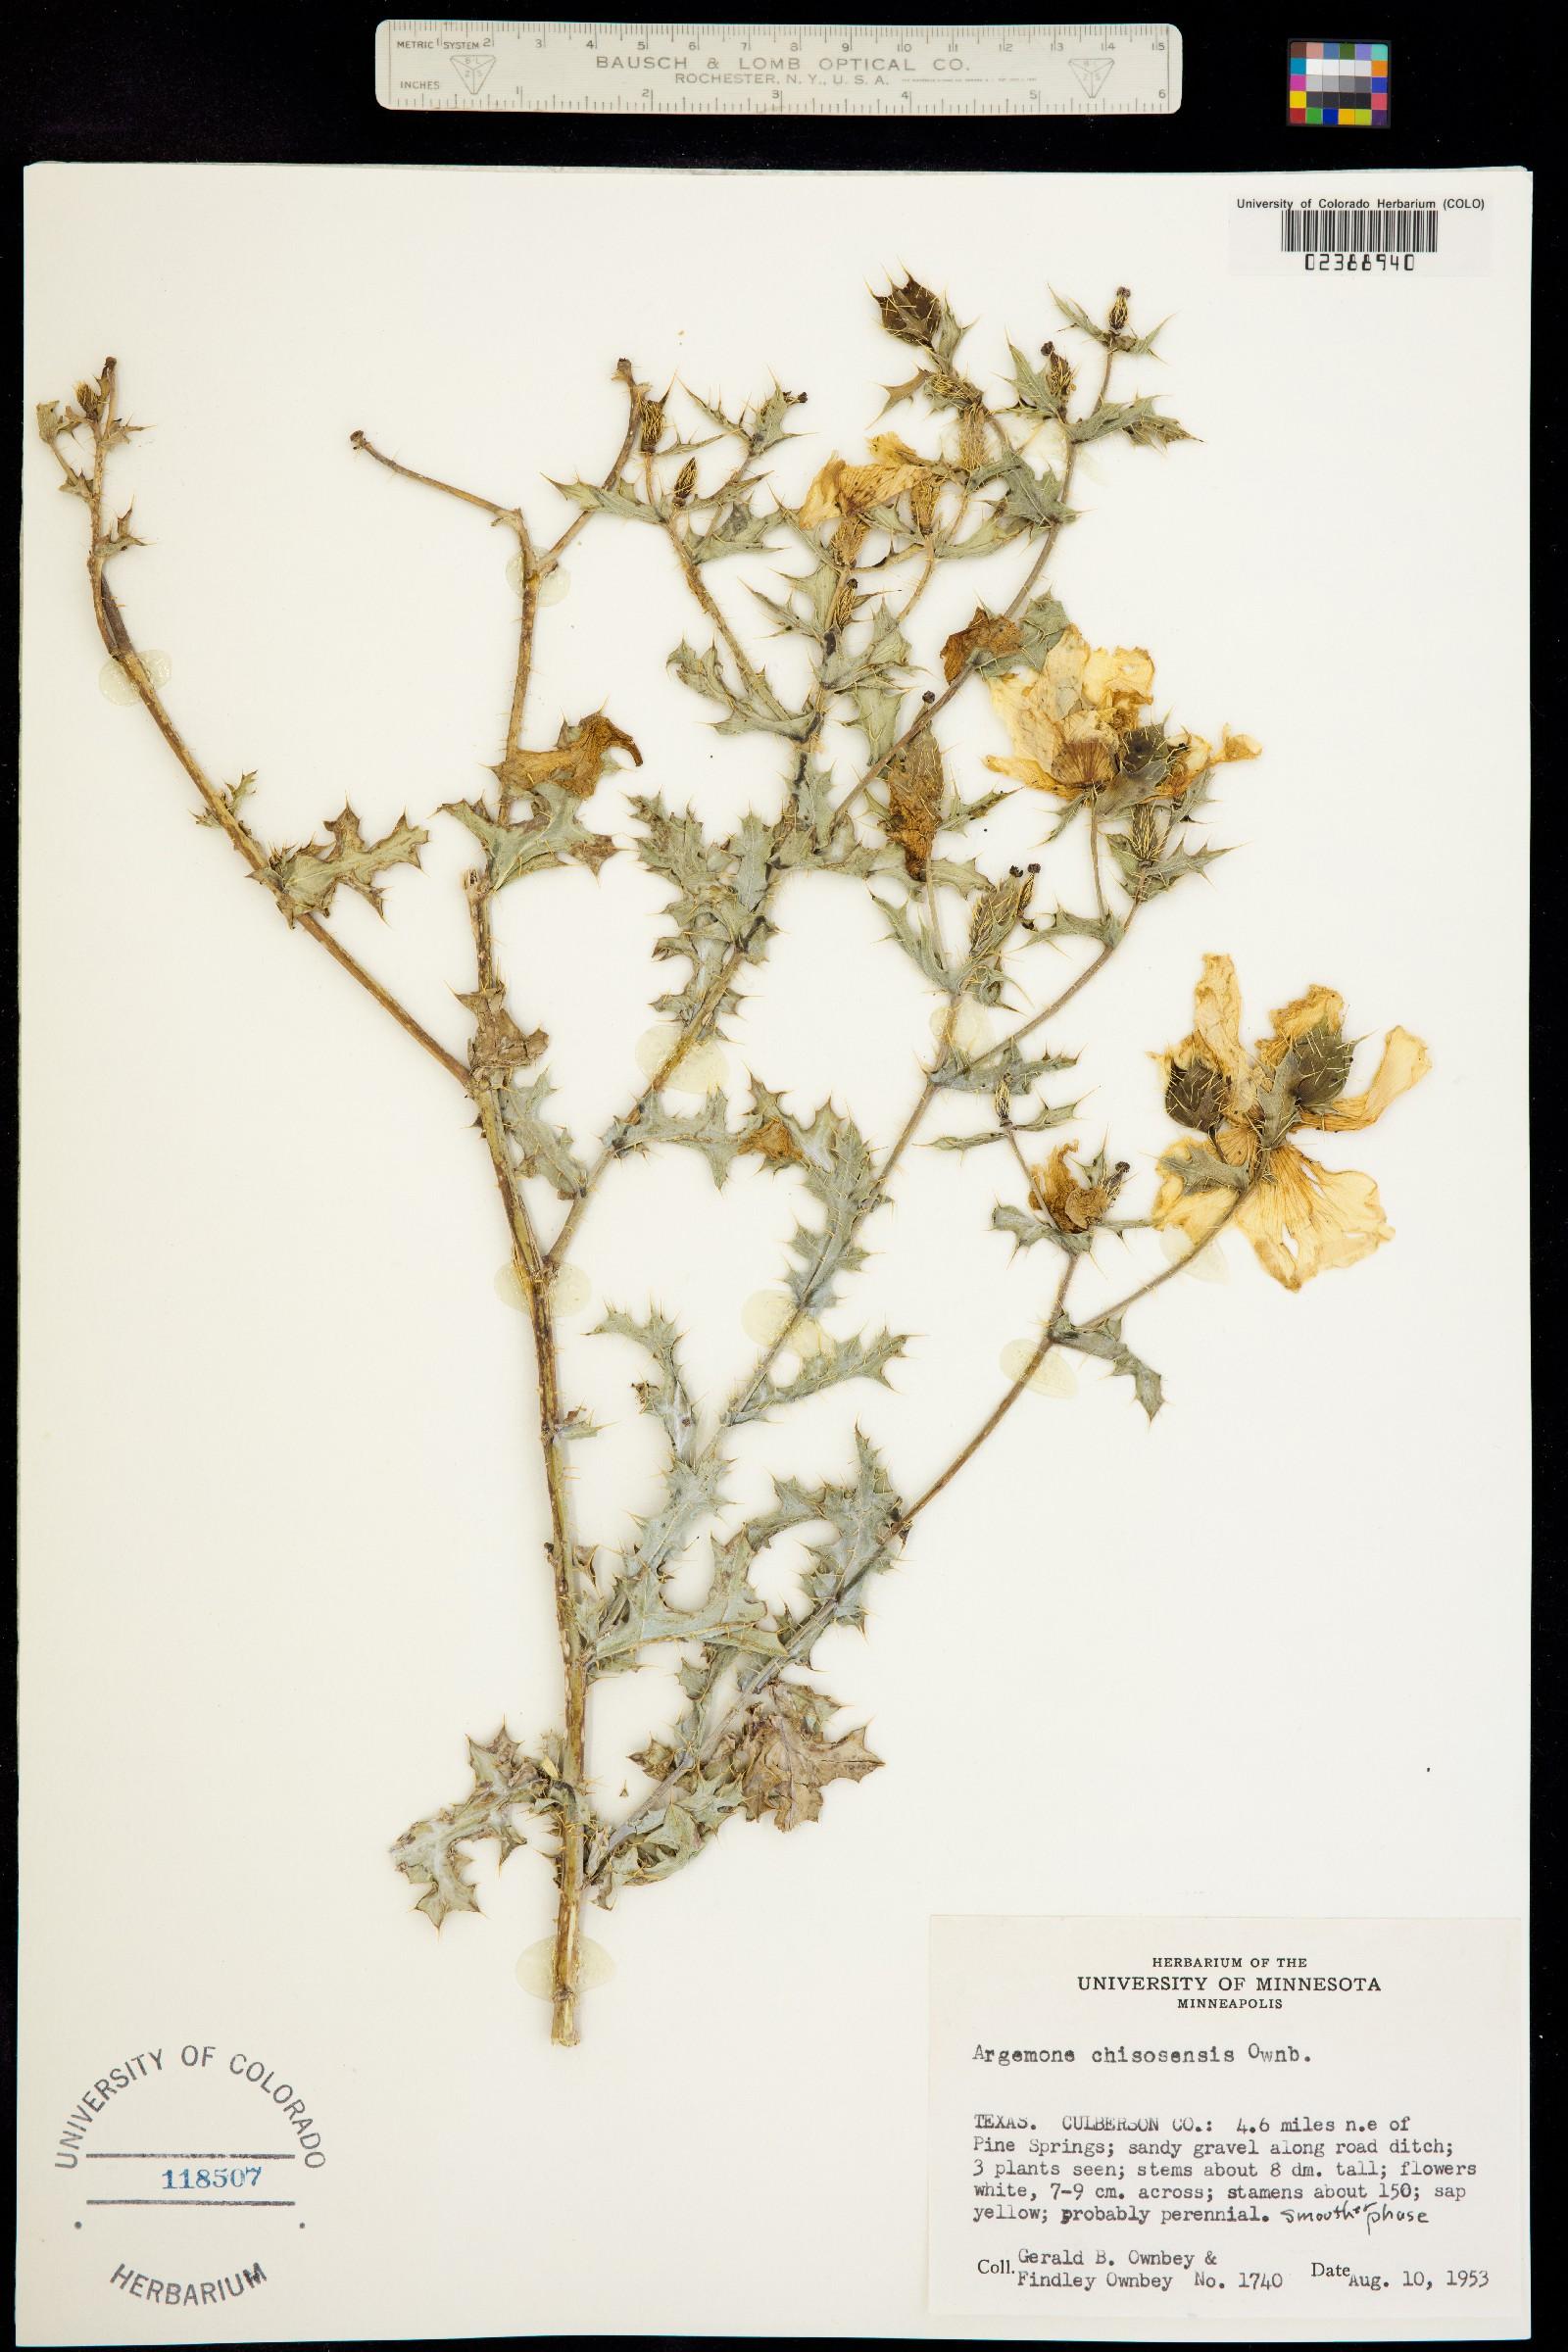 Argemone chisosensis image